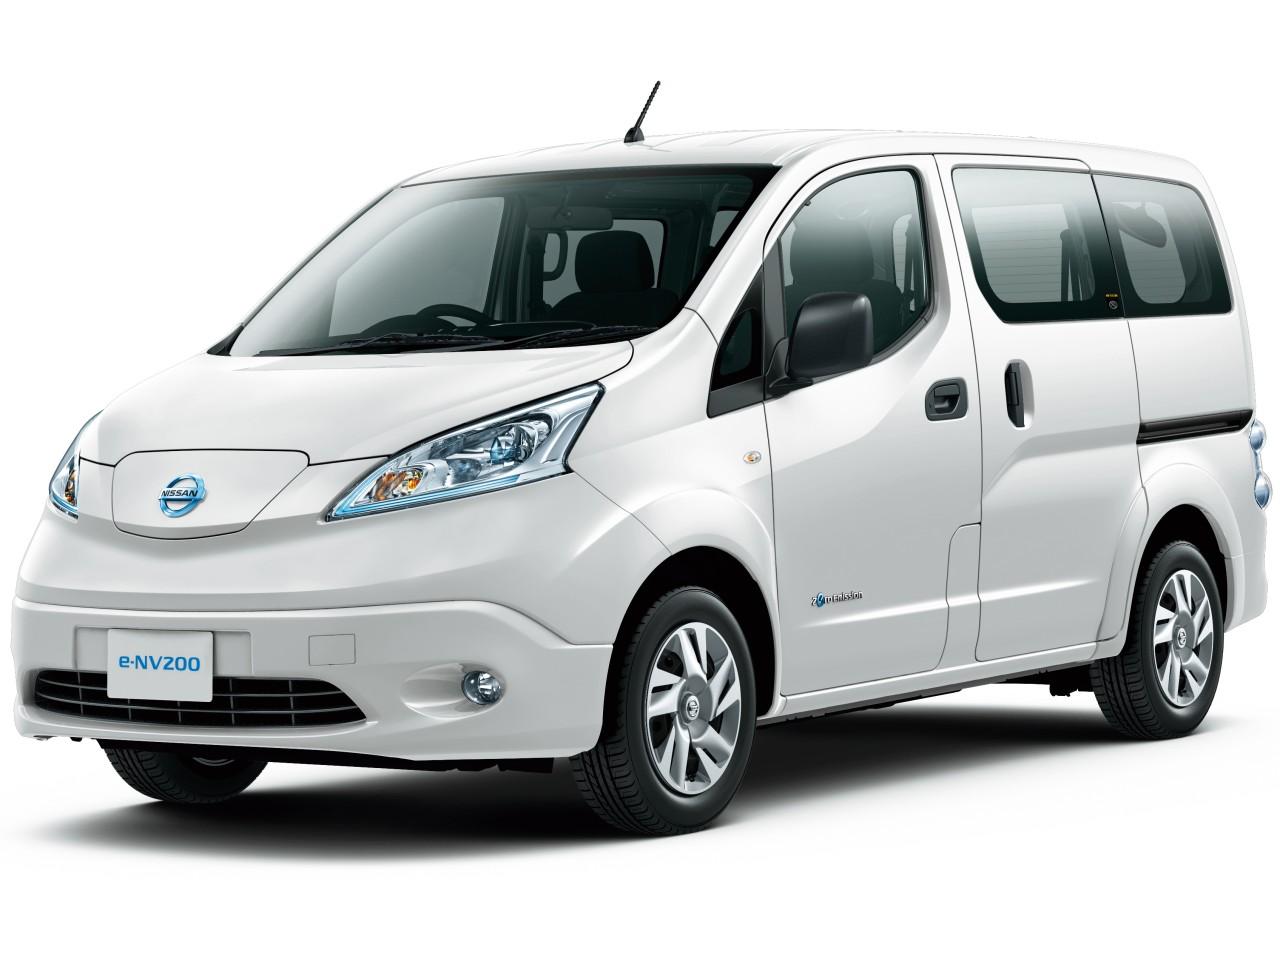 日産 e-NV200 商用車 2014年モデル 新車画像